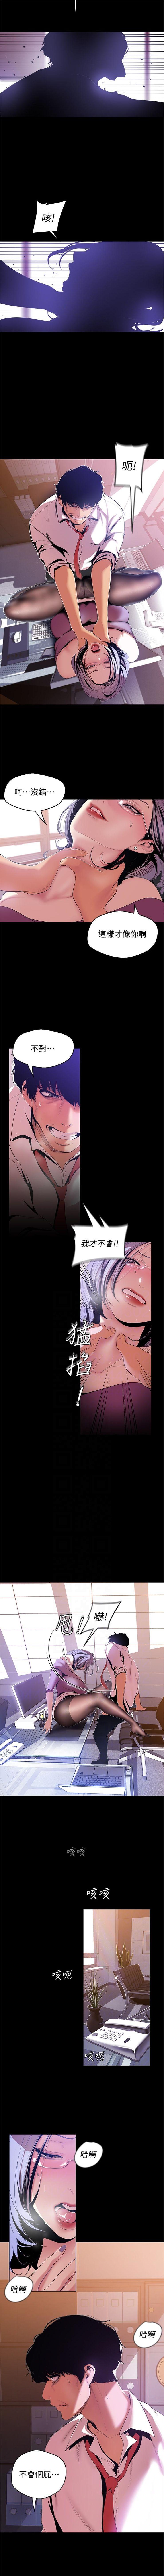 (週1)美麗新世界 1-70 中文翻譯 (更新中) 428